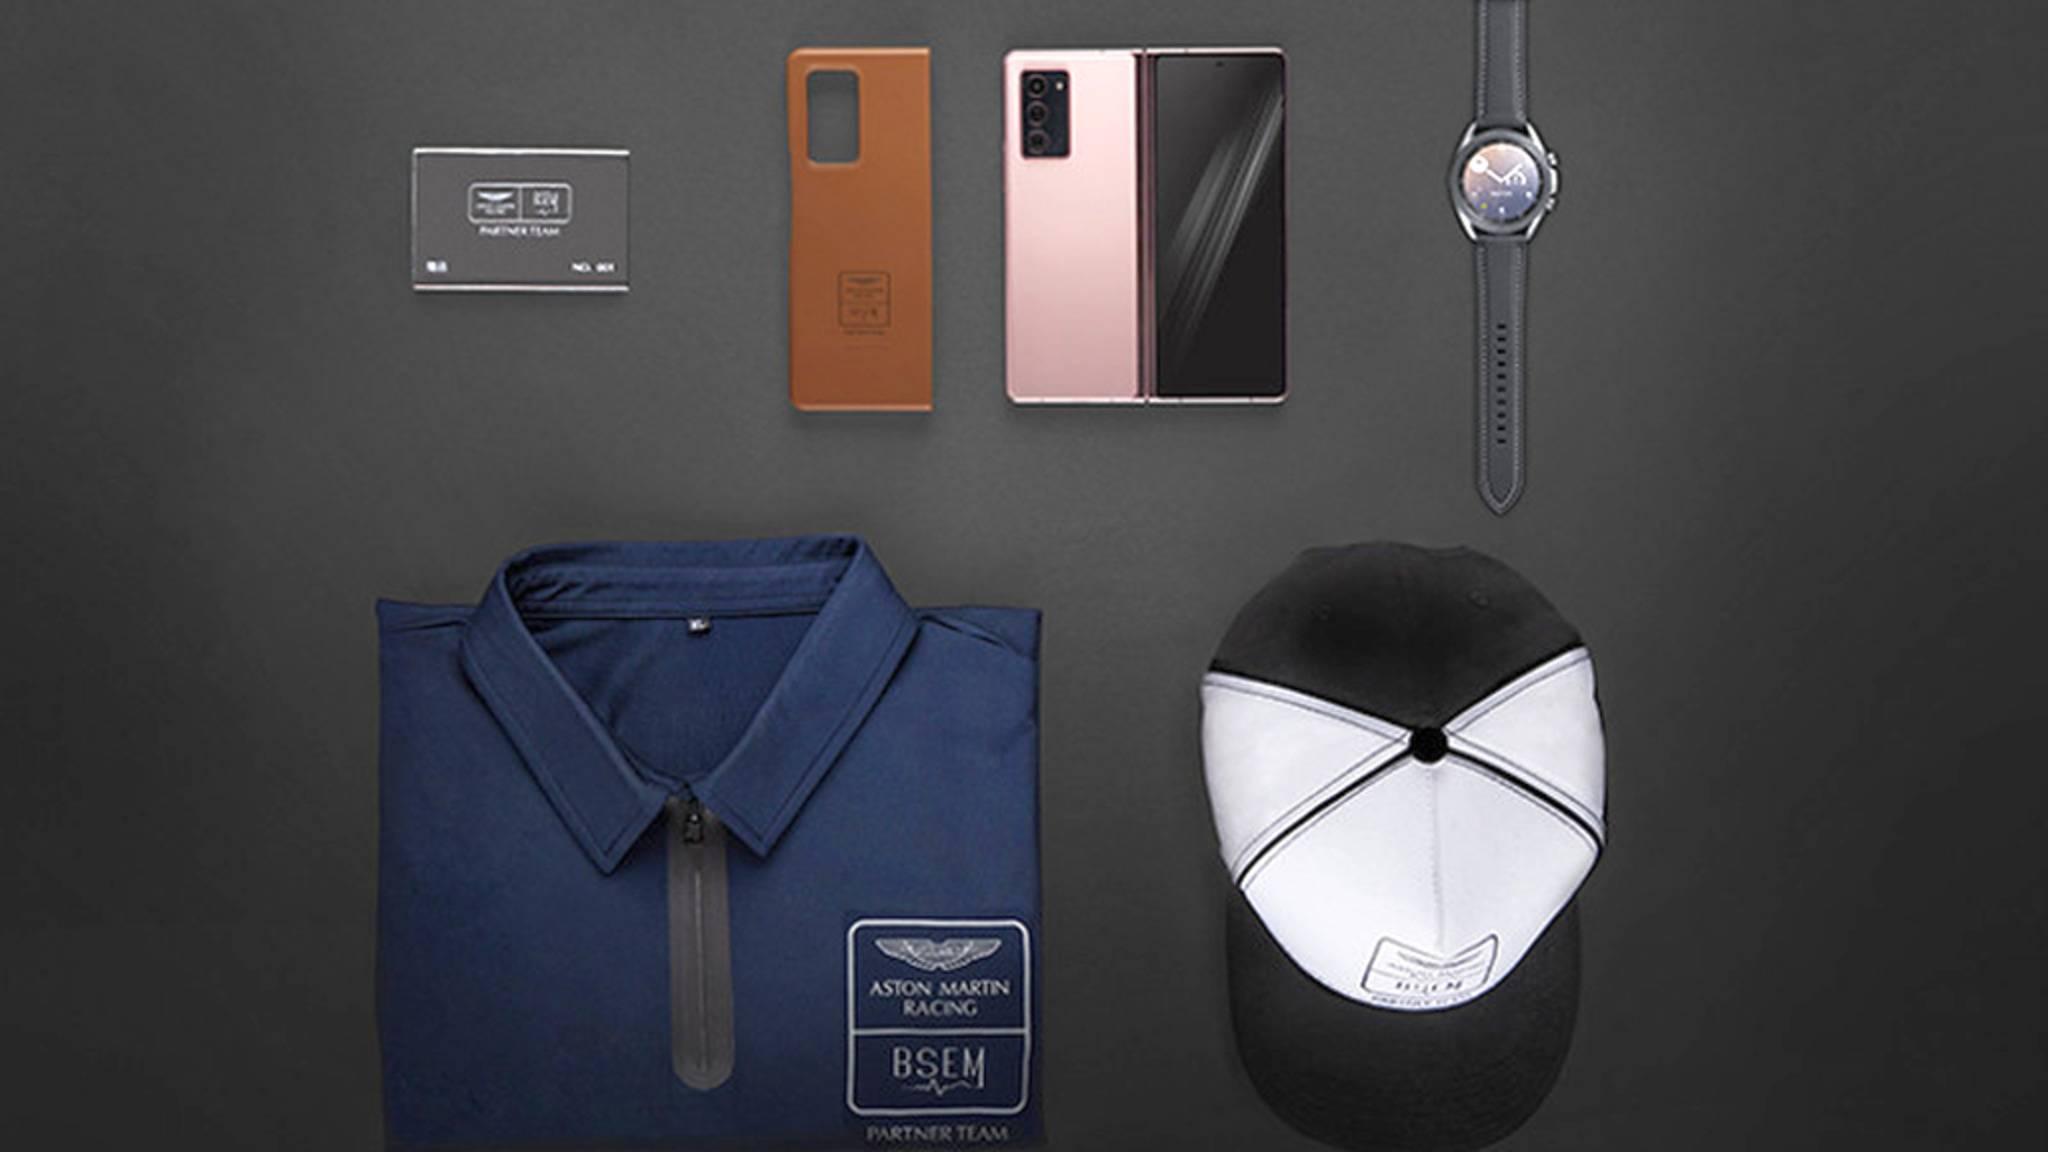 Samsung-Galaxy-Z-Fold-2-Aston-Martin-Racing-Edition